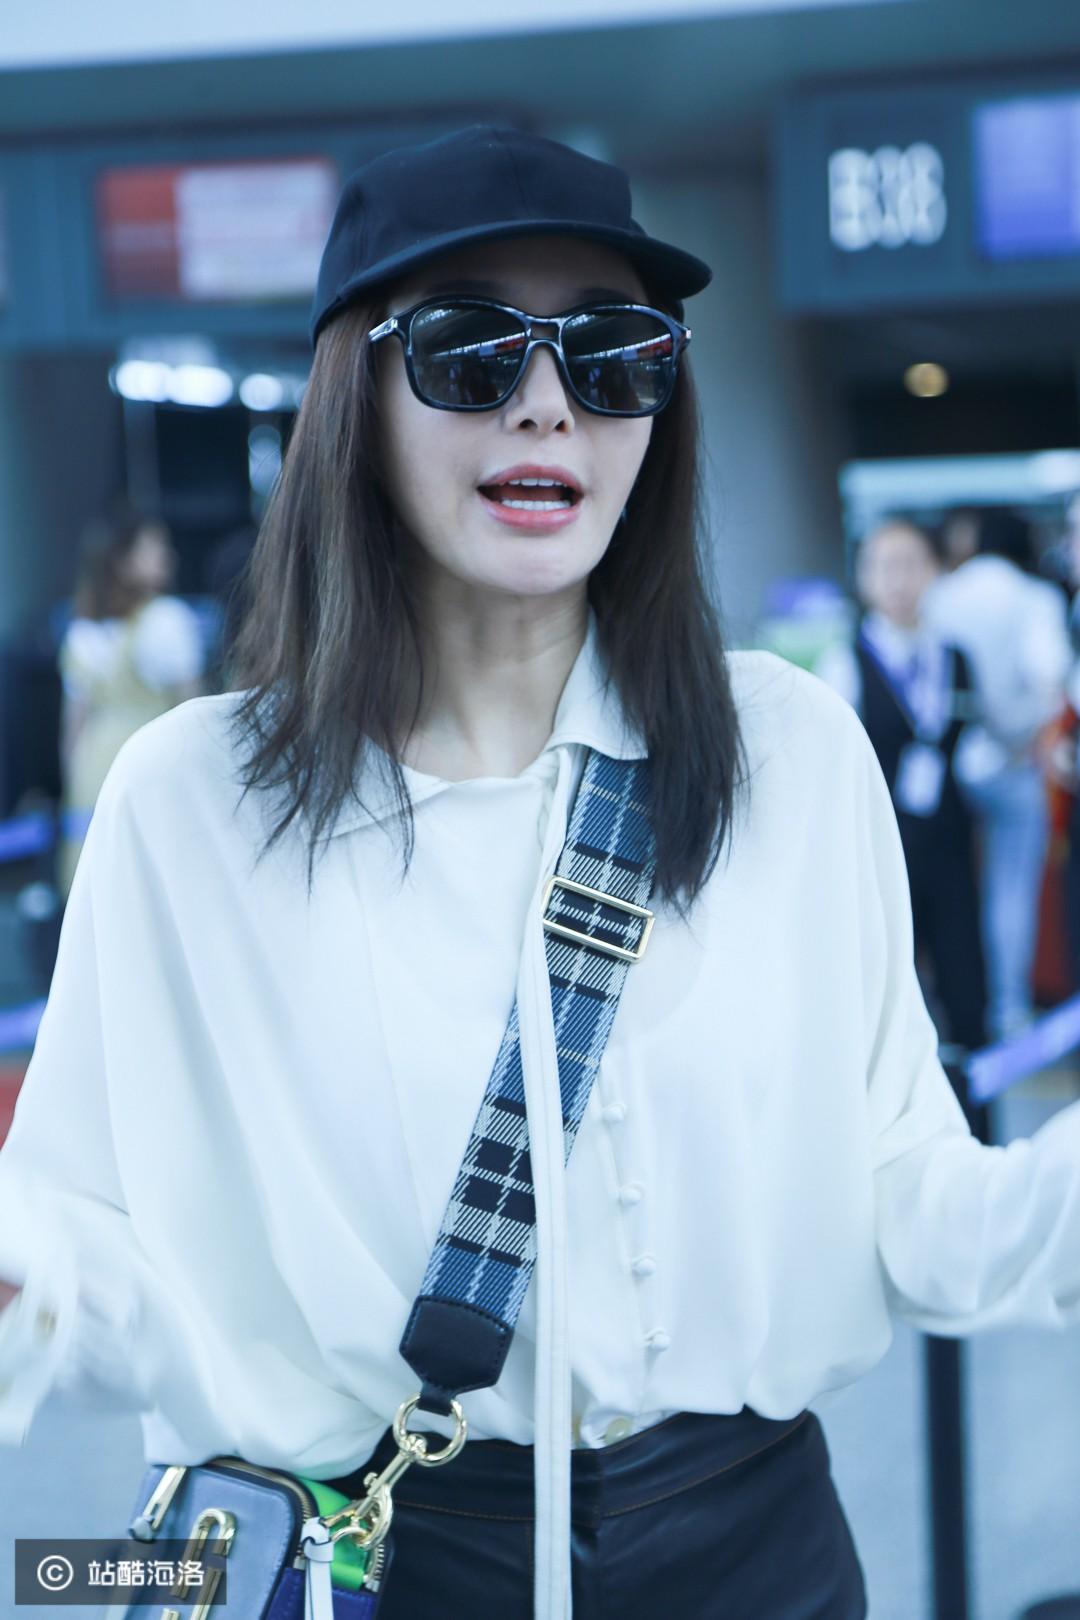 Xuất hiện ở sân bay, 'Hoàng hậu' Tần Lam bị soi nhan sắc đời thường không lung linh như phim 4